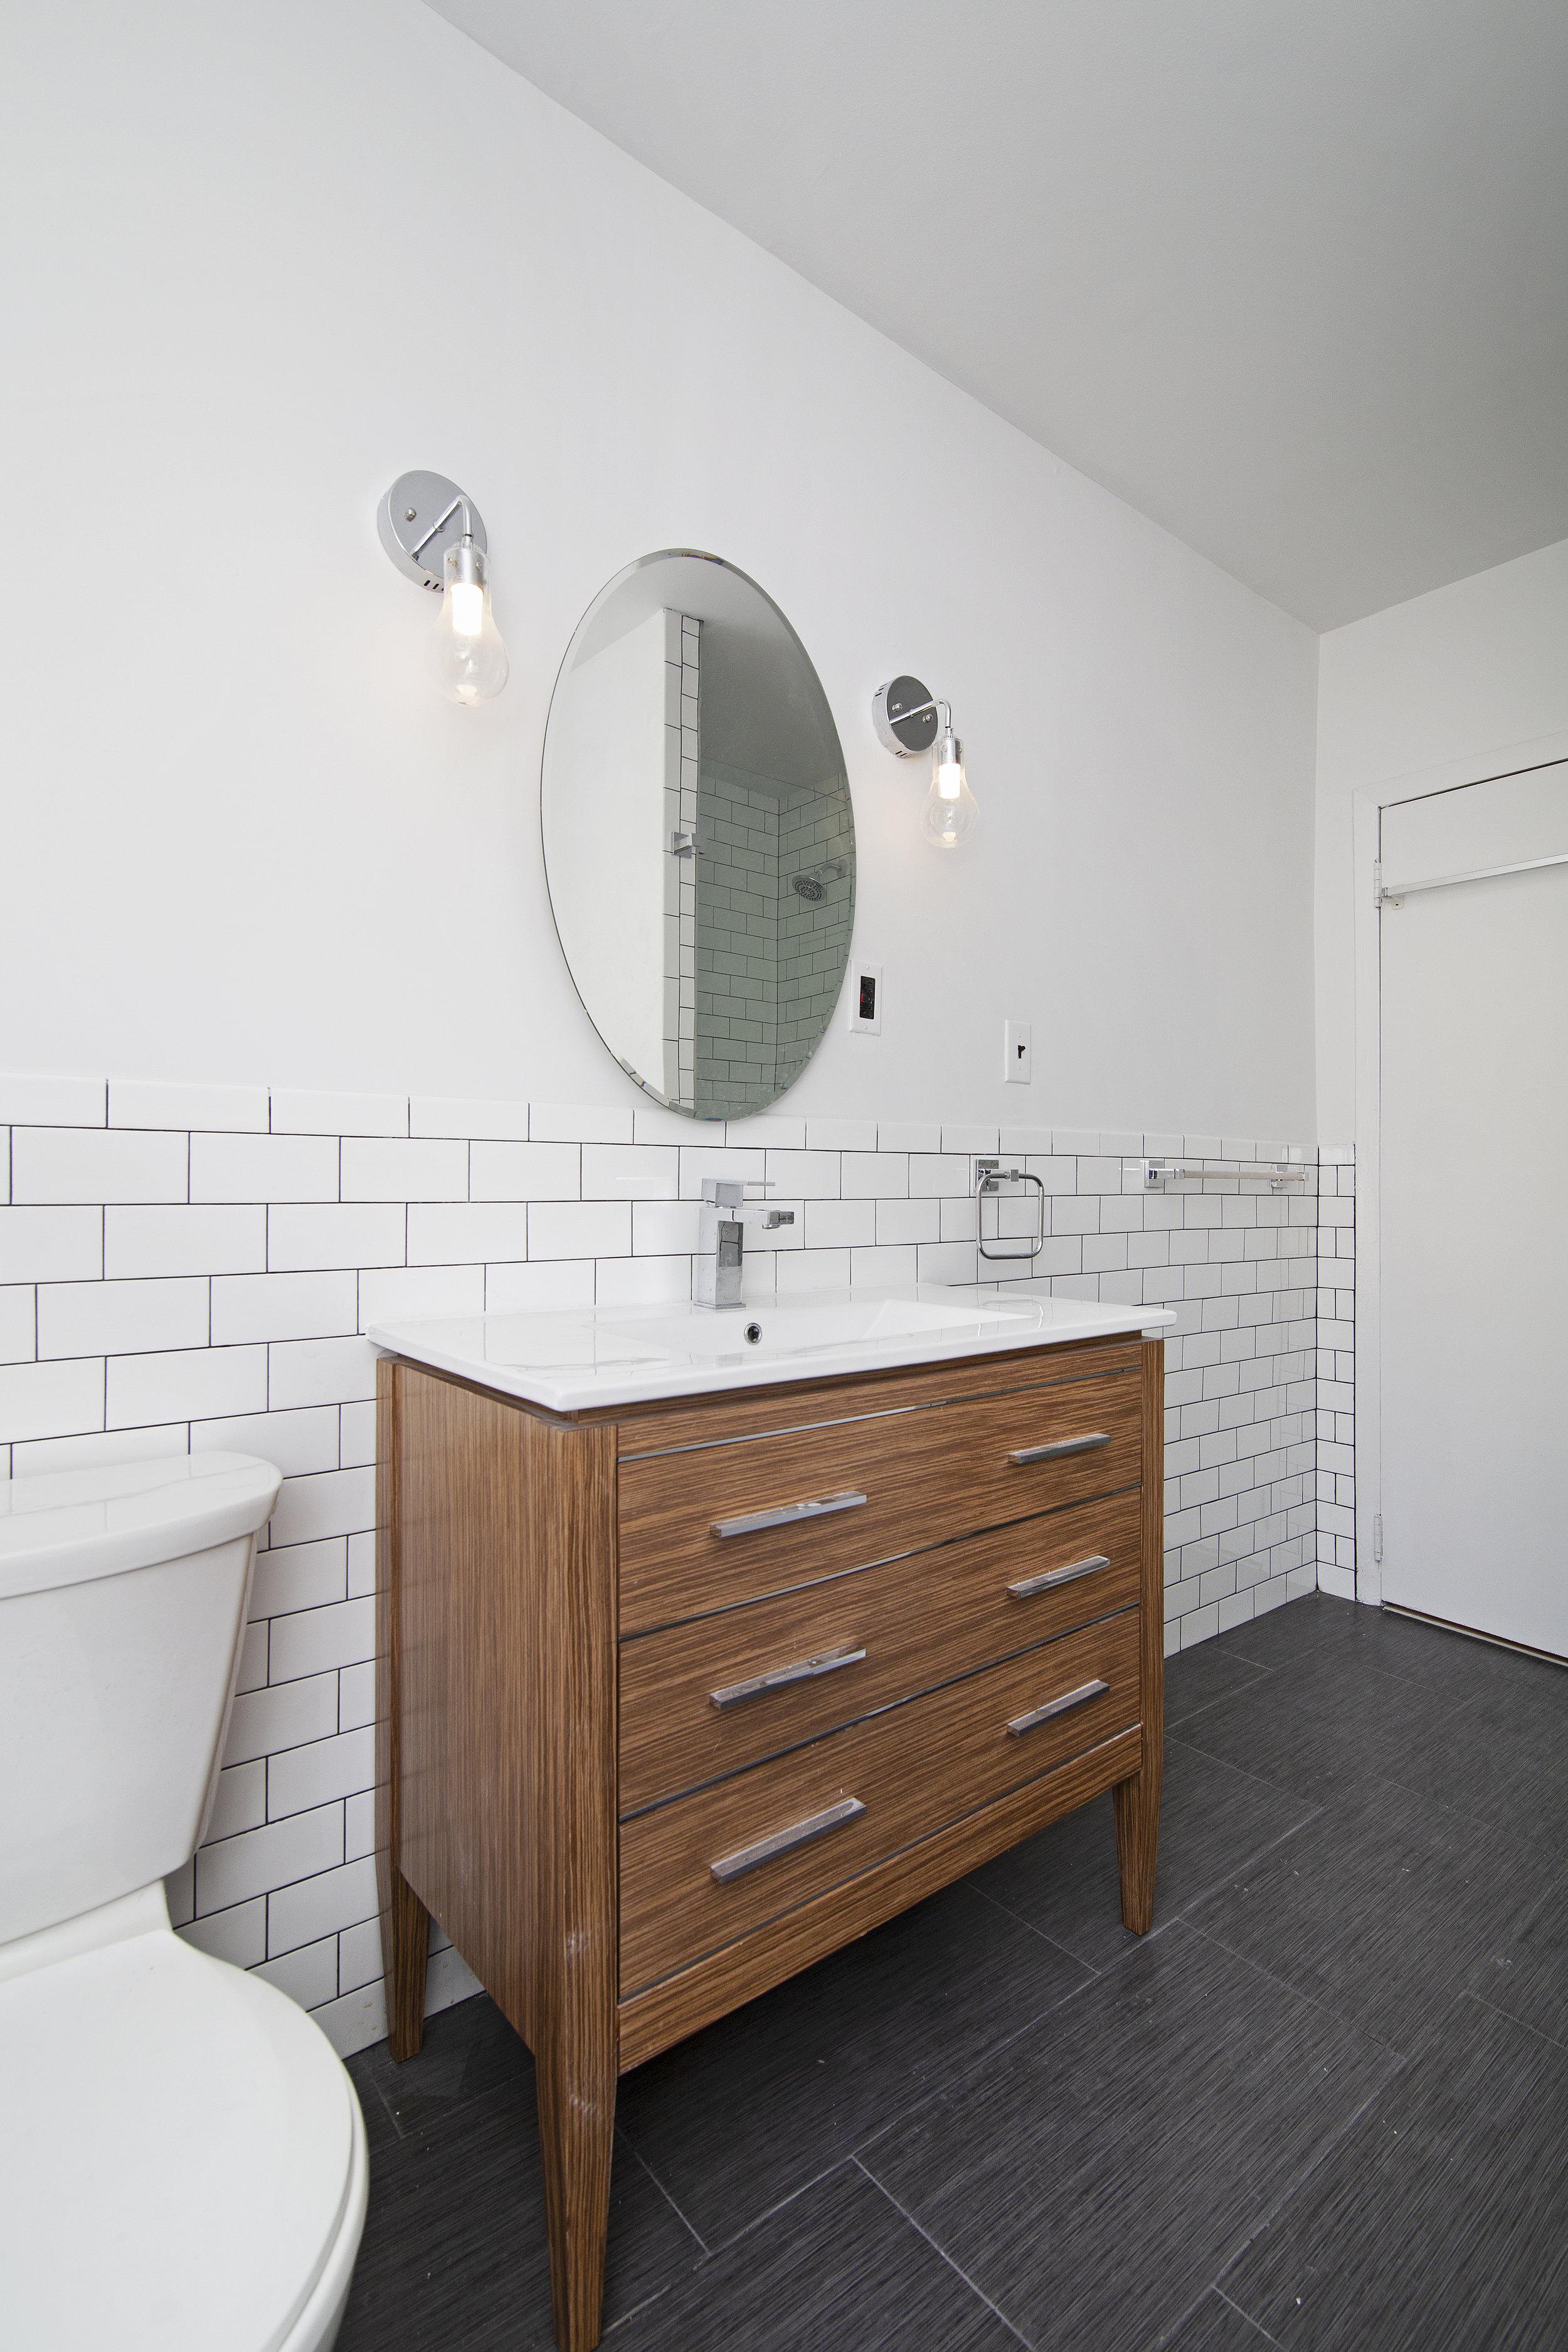 304 Cumberland Street Apt 3F Bathroom.jpg